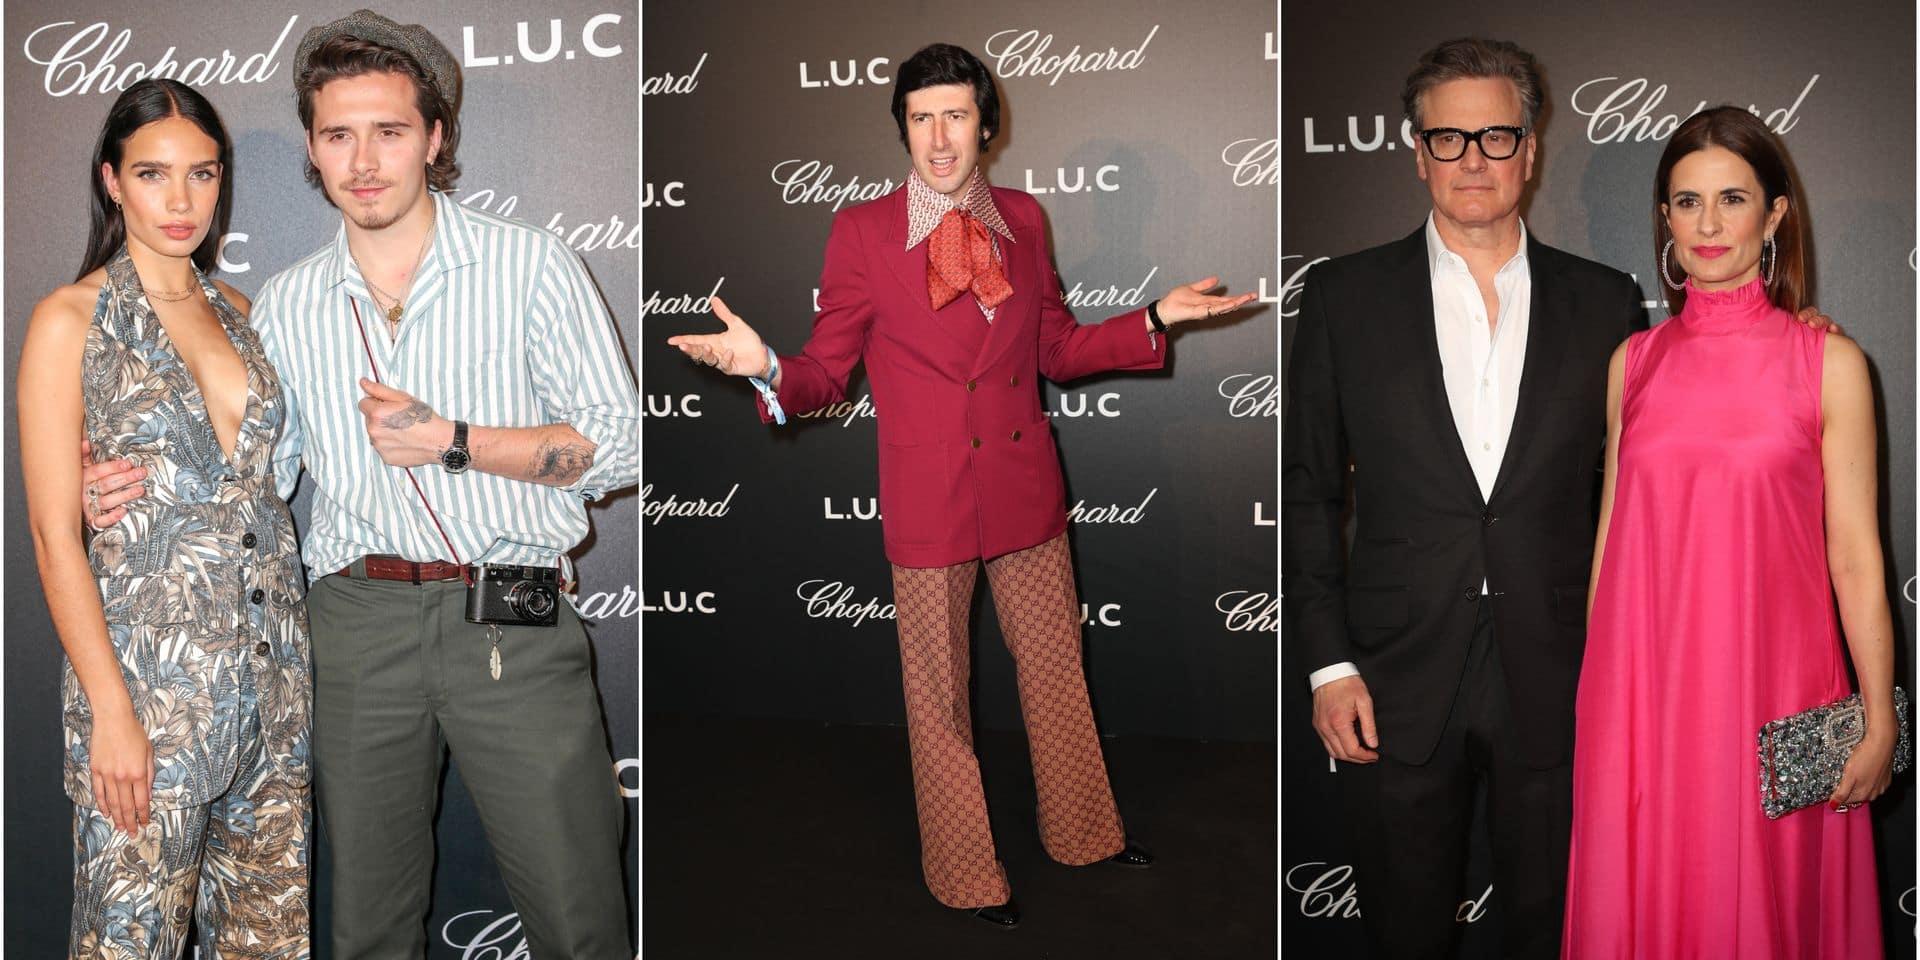 Brooklyn Beckham au bras de sa belle, Colin Firth, Jacky Ickx... la soirée dandy de Chopard à Cannes